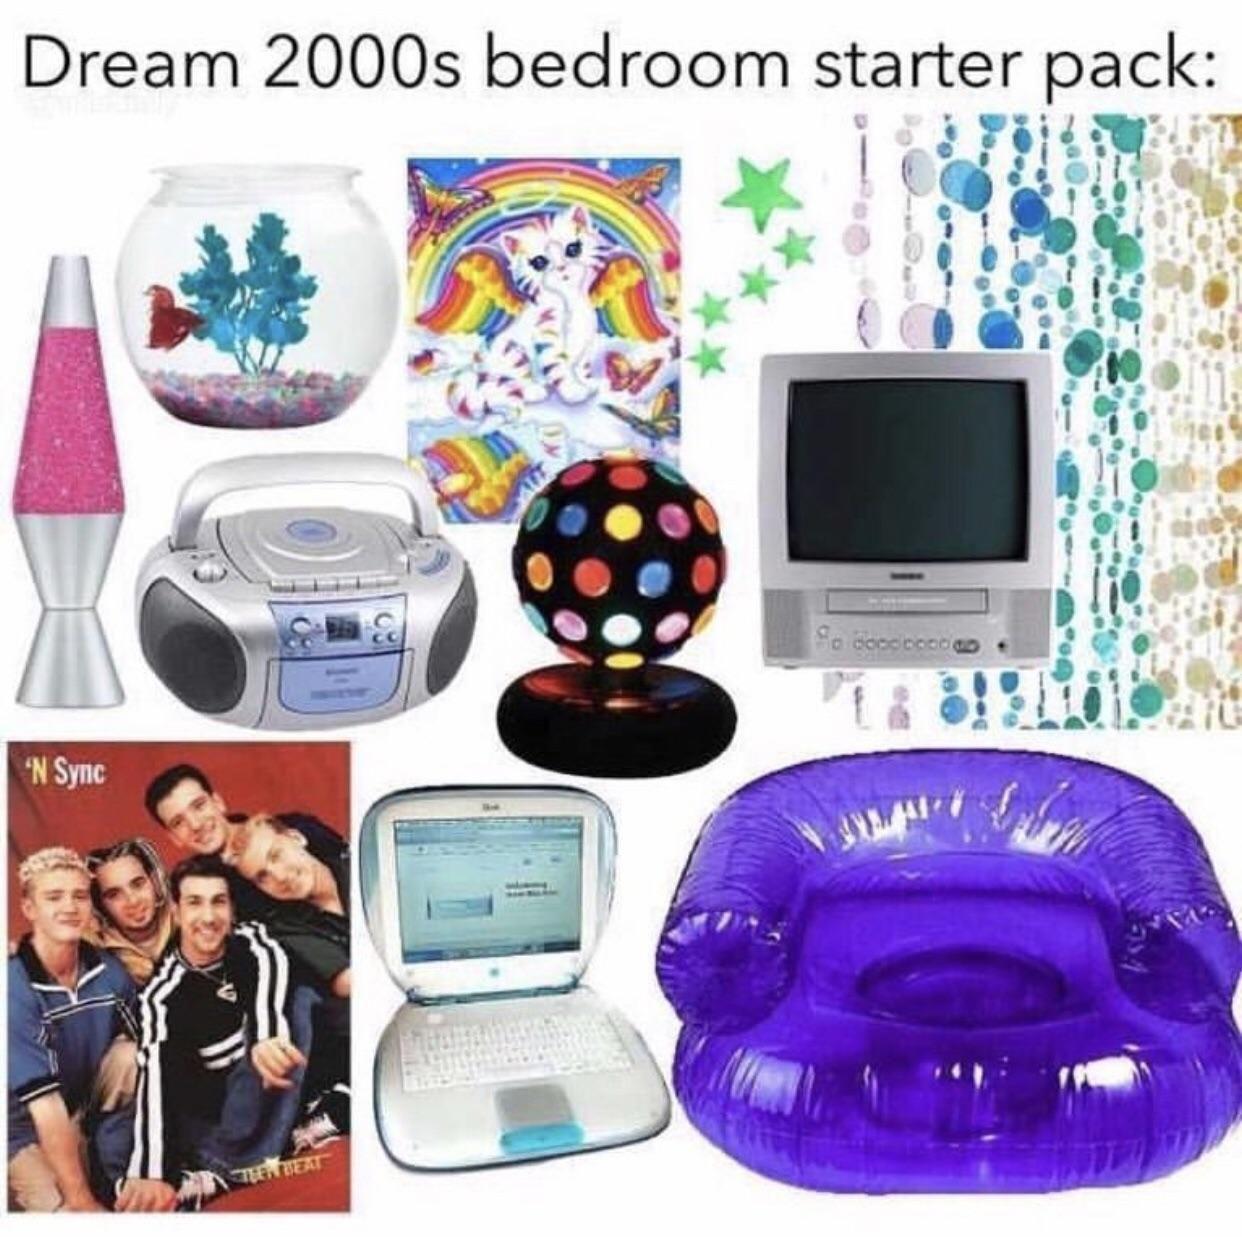 Obrázek 2000sbedroom